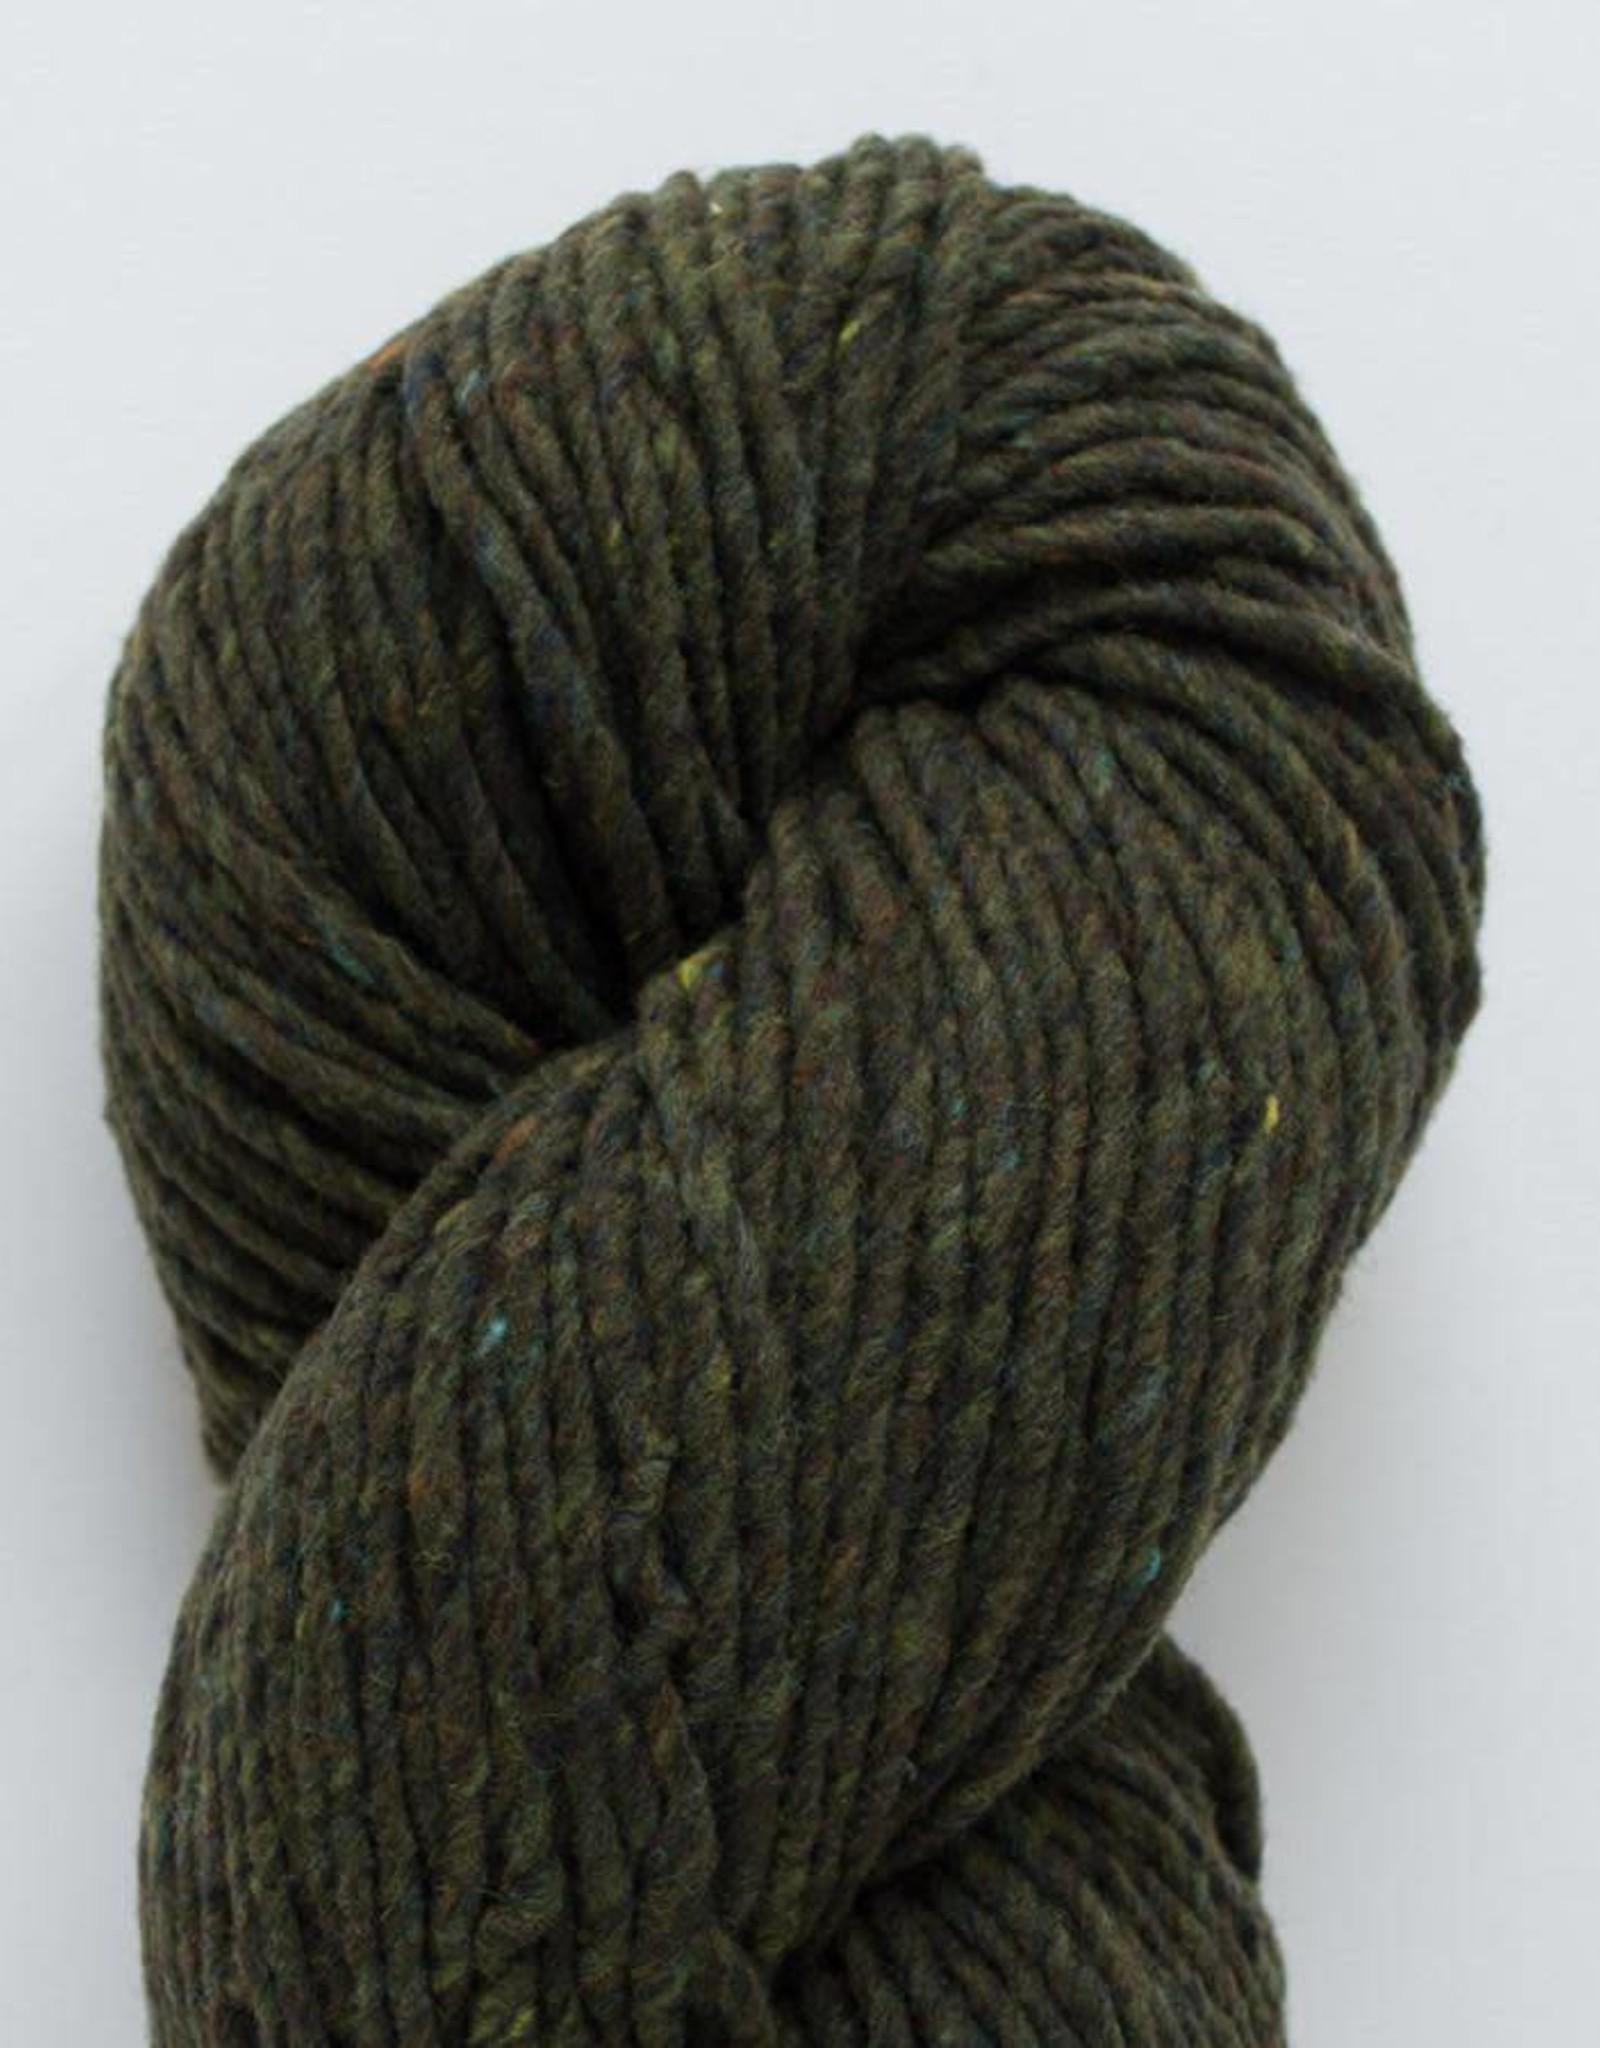 Brooklyn Tweed Quarry Serpentine